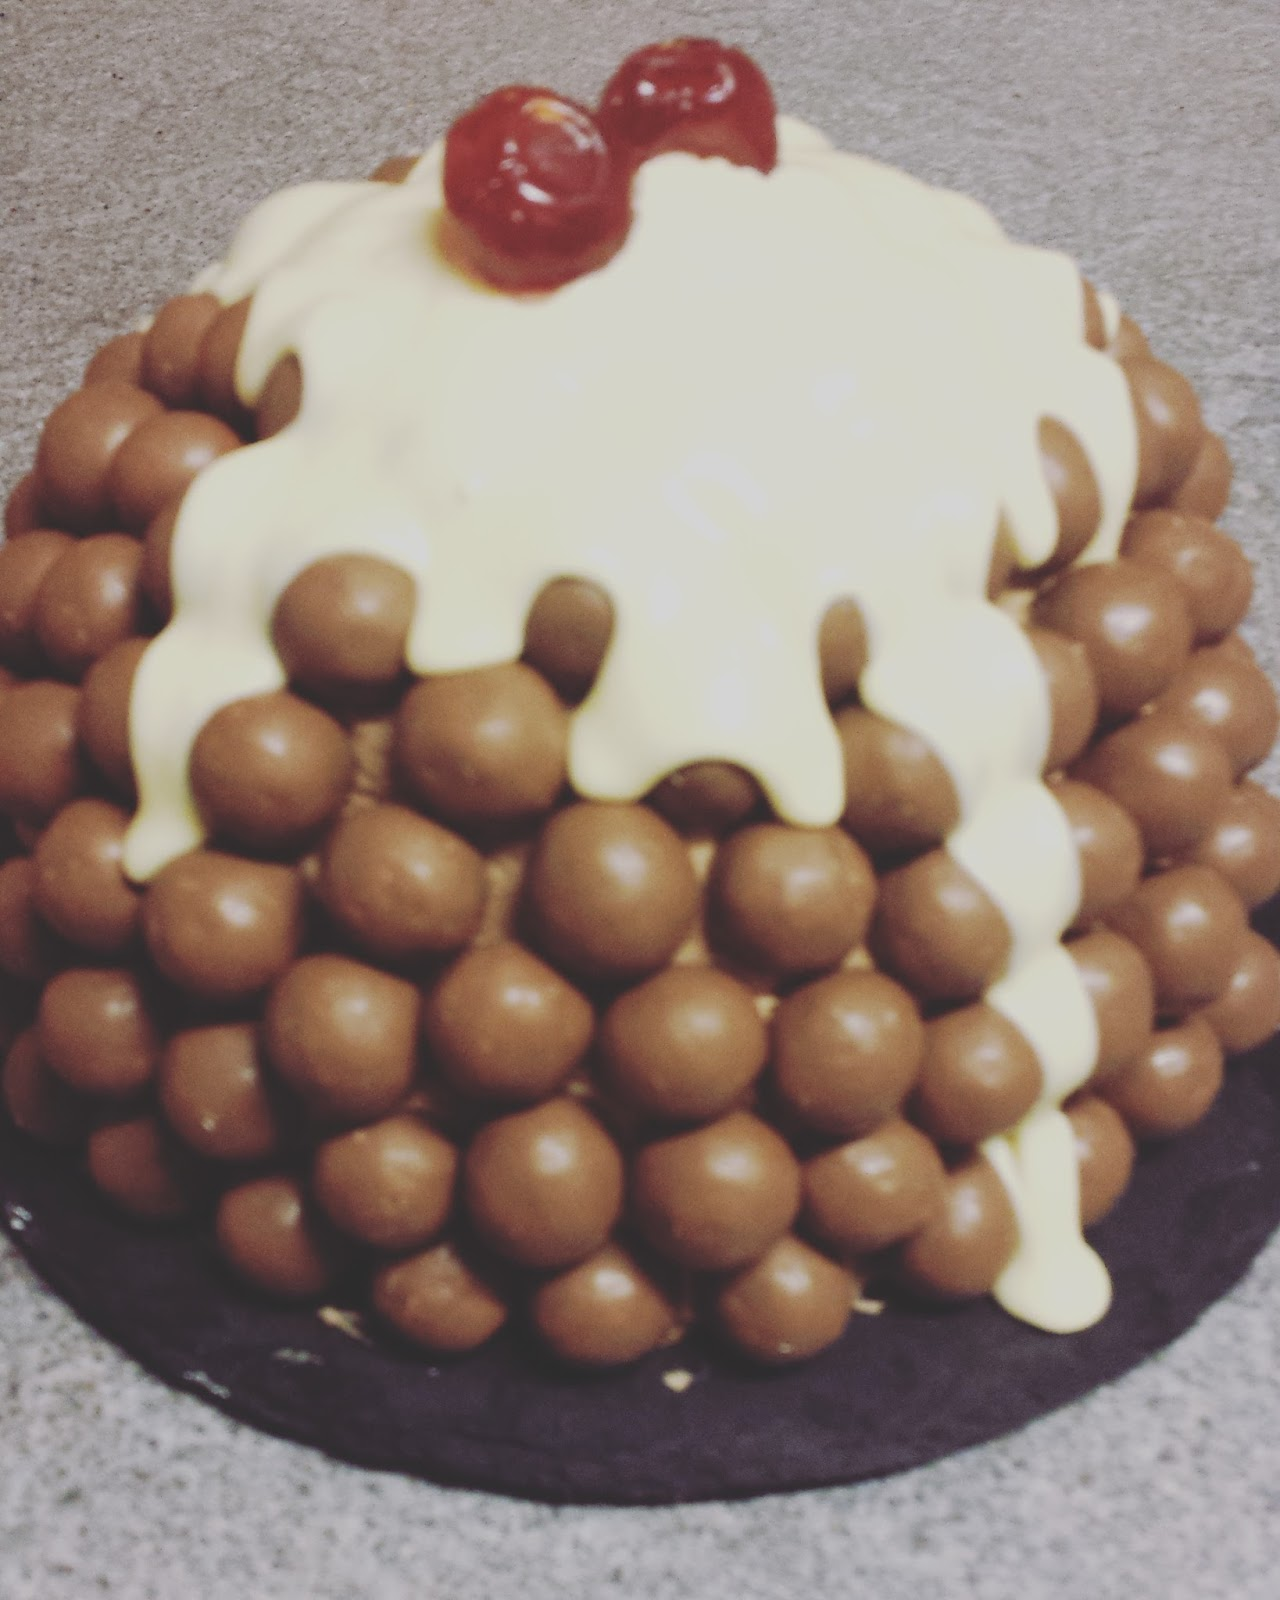 How To Make Malteser Cake